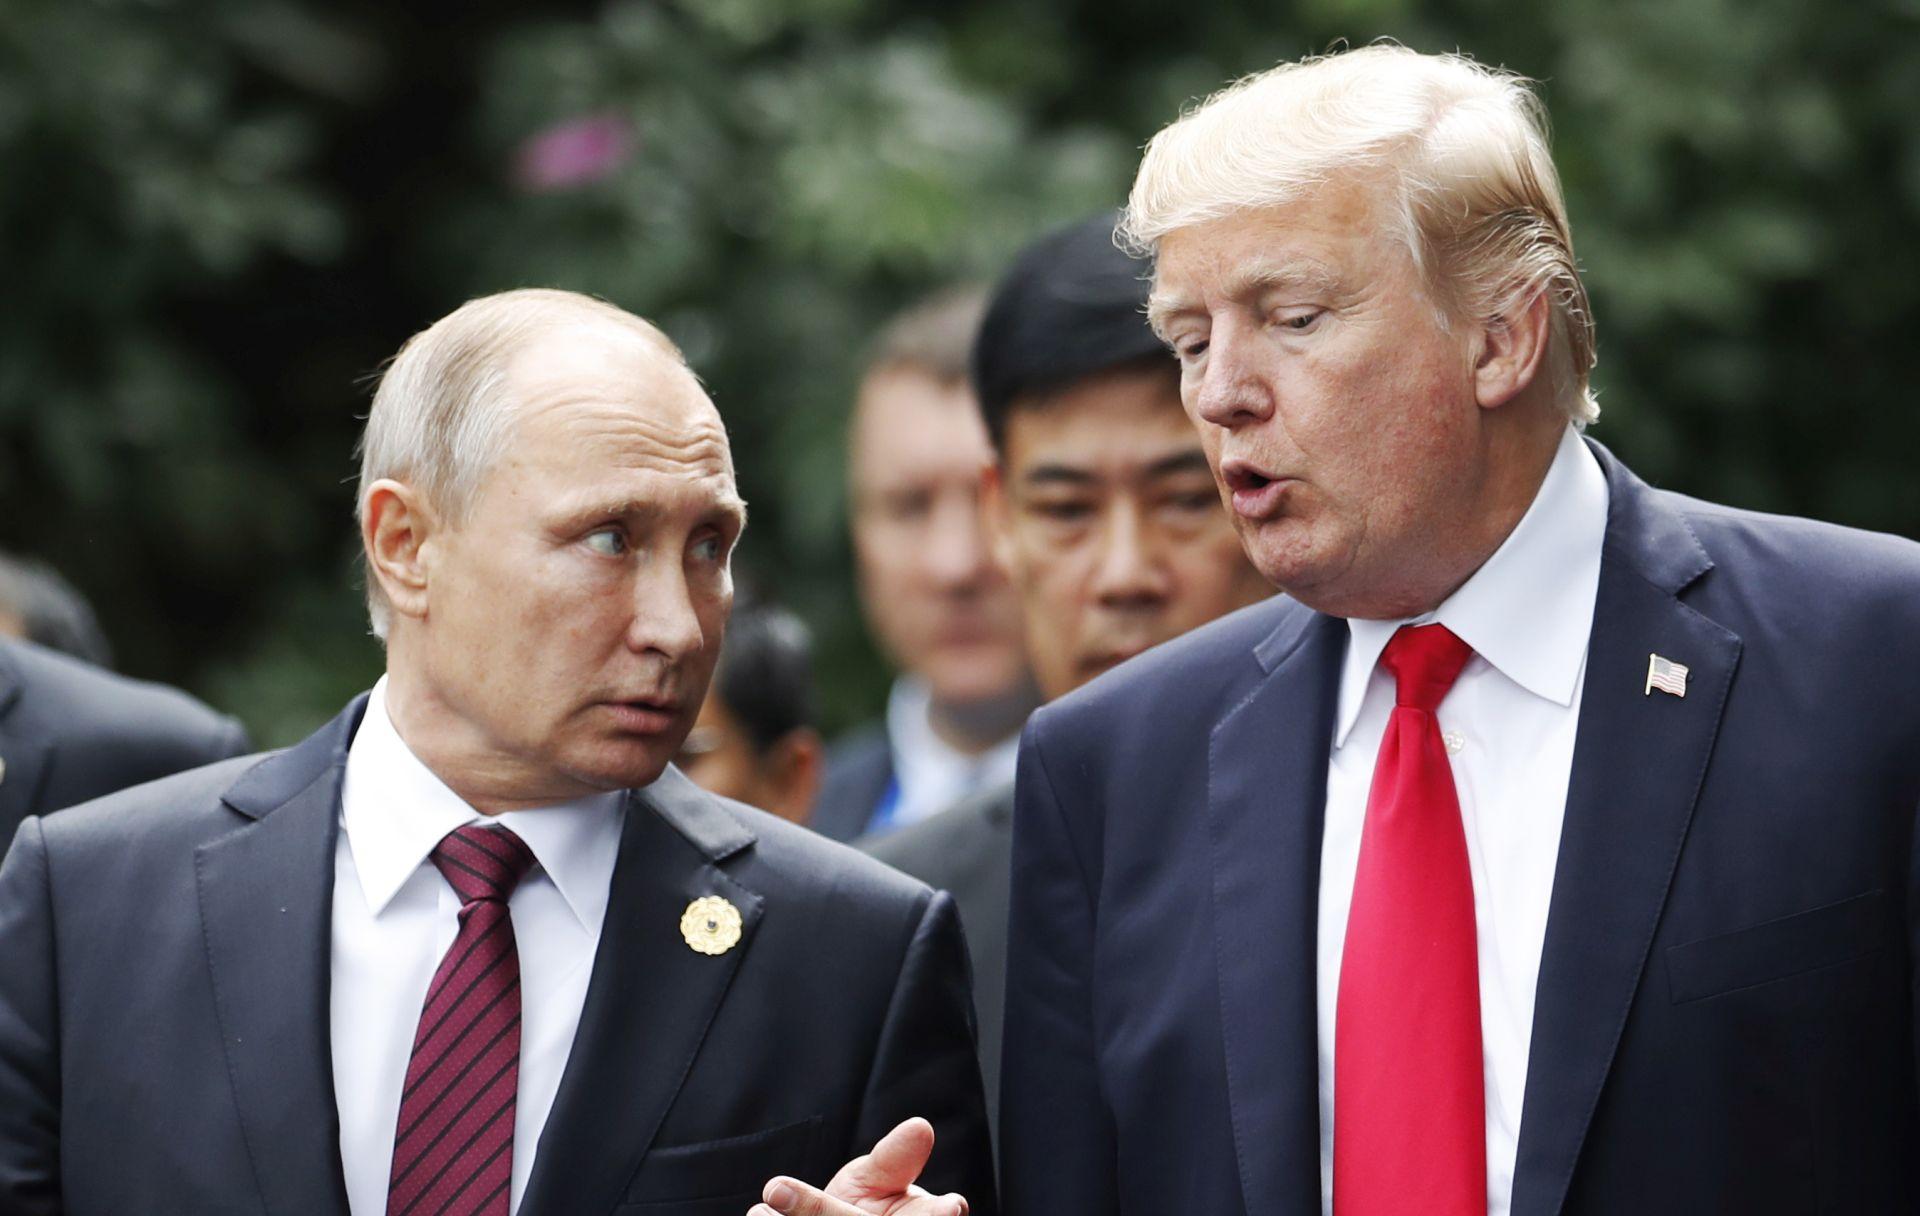 Američke sankcije Rusiji zbog napada u Britaniji stupaju na snagu za tri dana